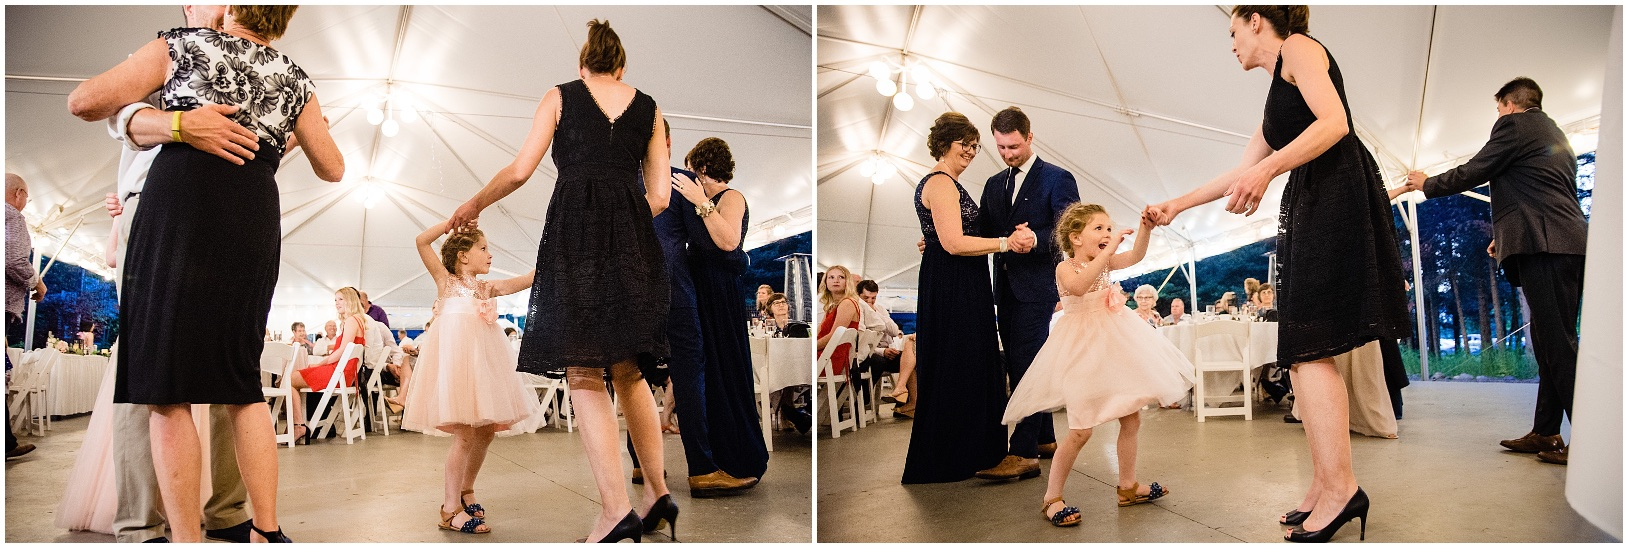 lindseyjanephotography_wedding0097.jpg